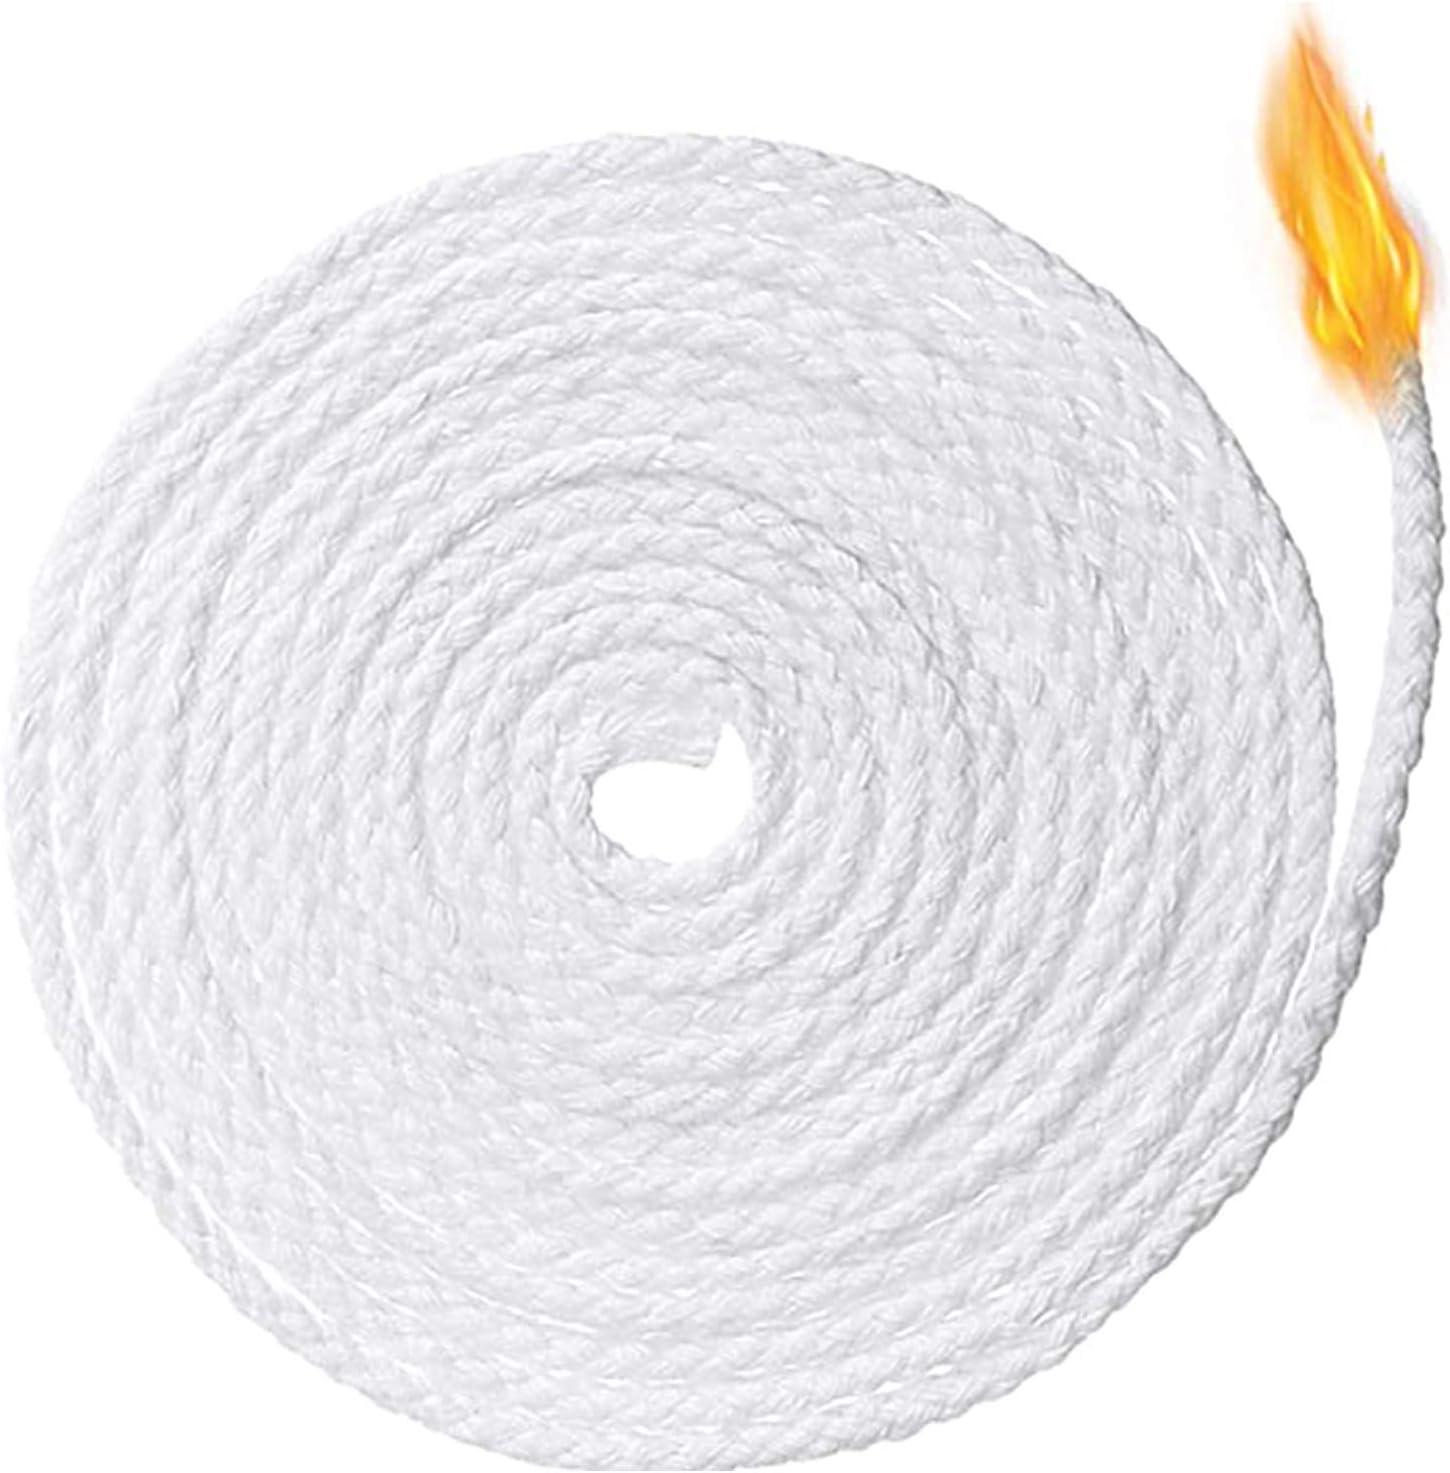 DIY Kerze Aoliandatong 61m Kerzendocht,2 Rollen Kerzendochte aus Baumwolle Geflochtene Flachdocht Runddocht f/ür die Kerzenherstellung /Öllampe